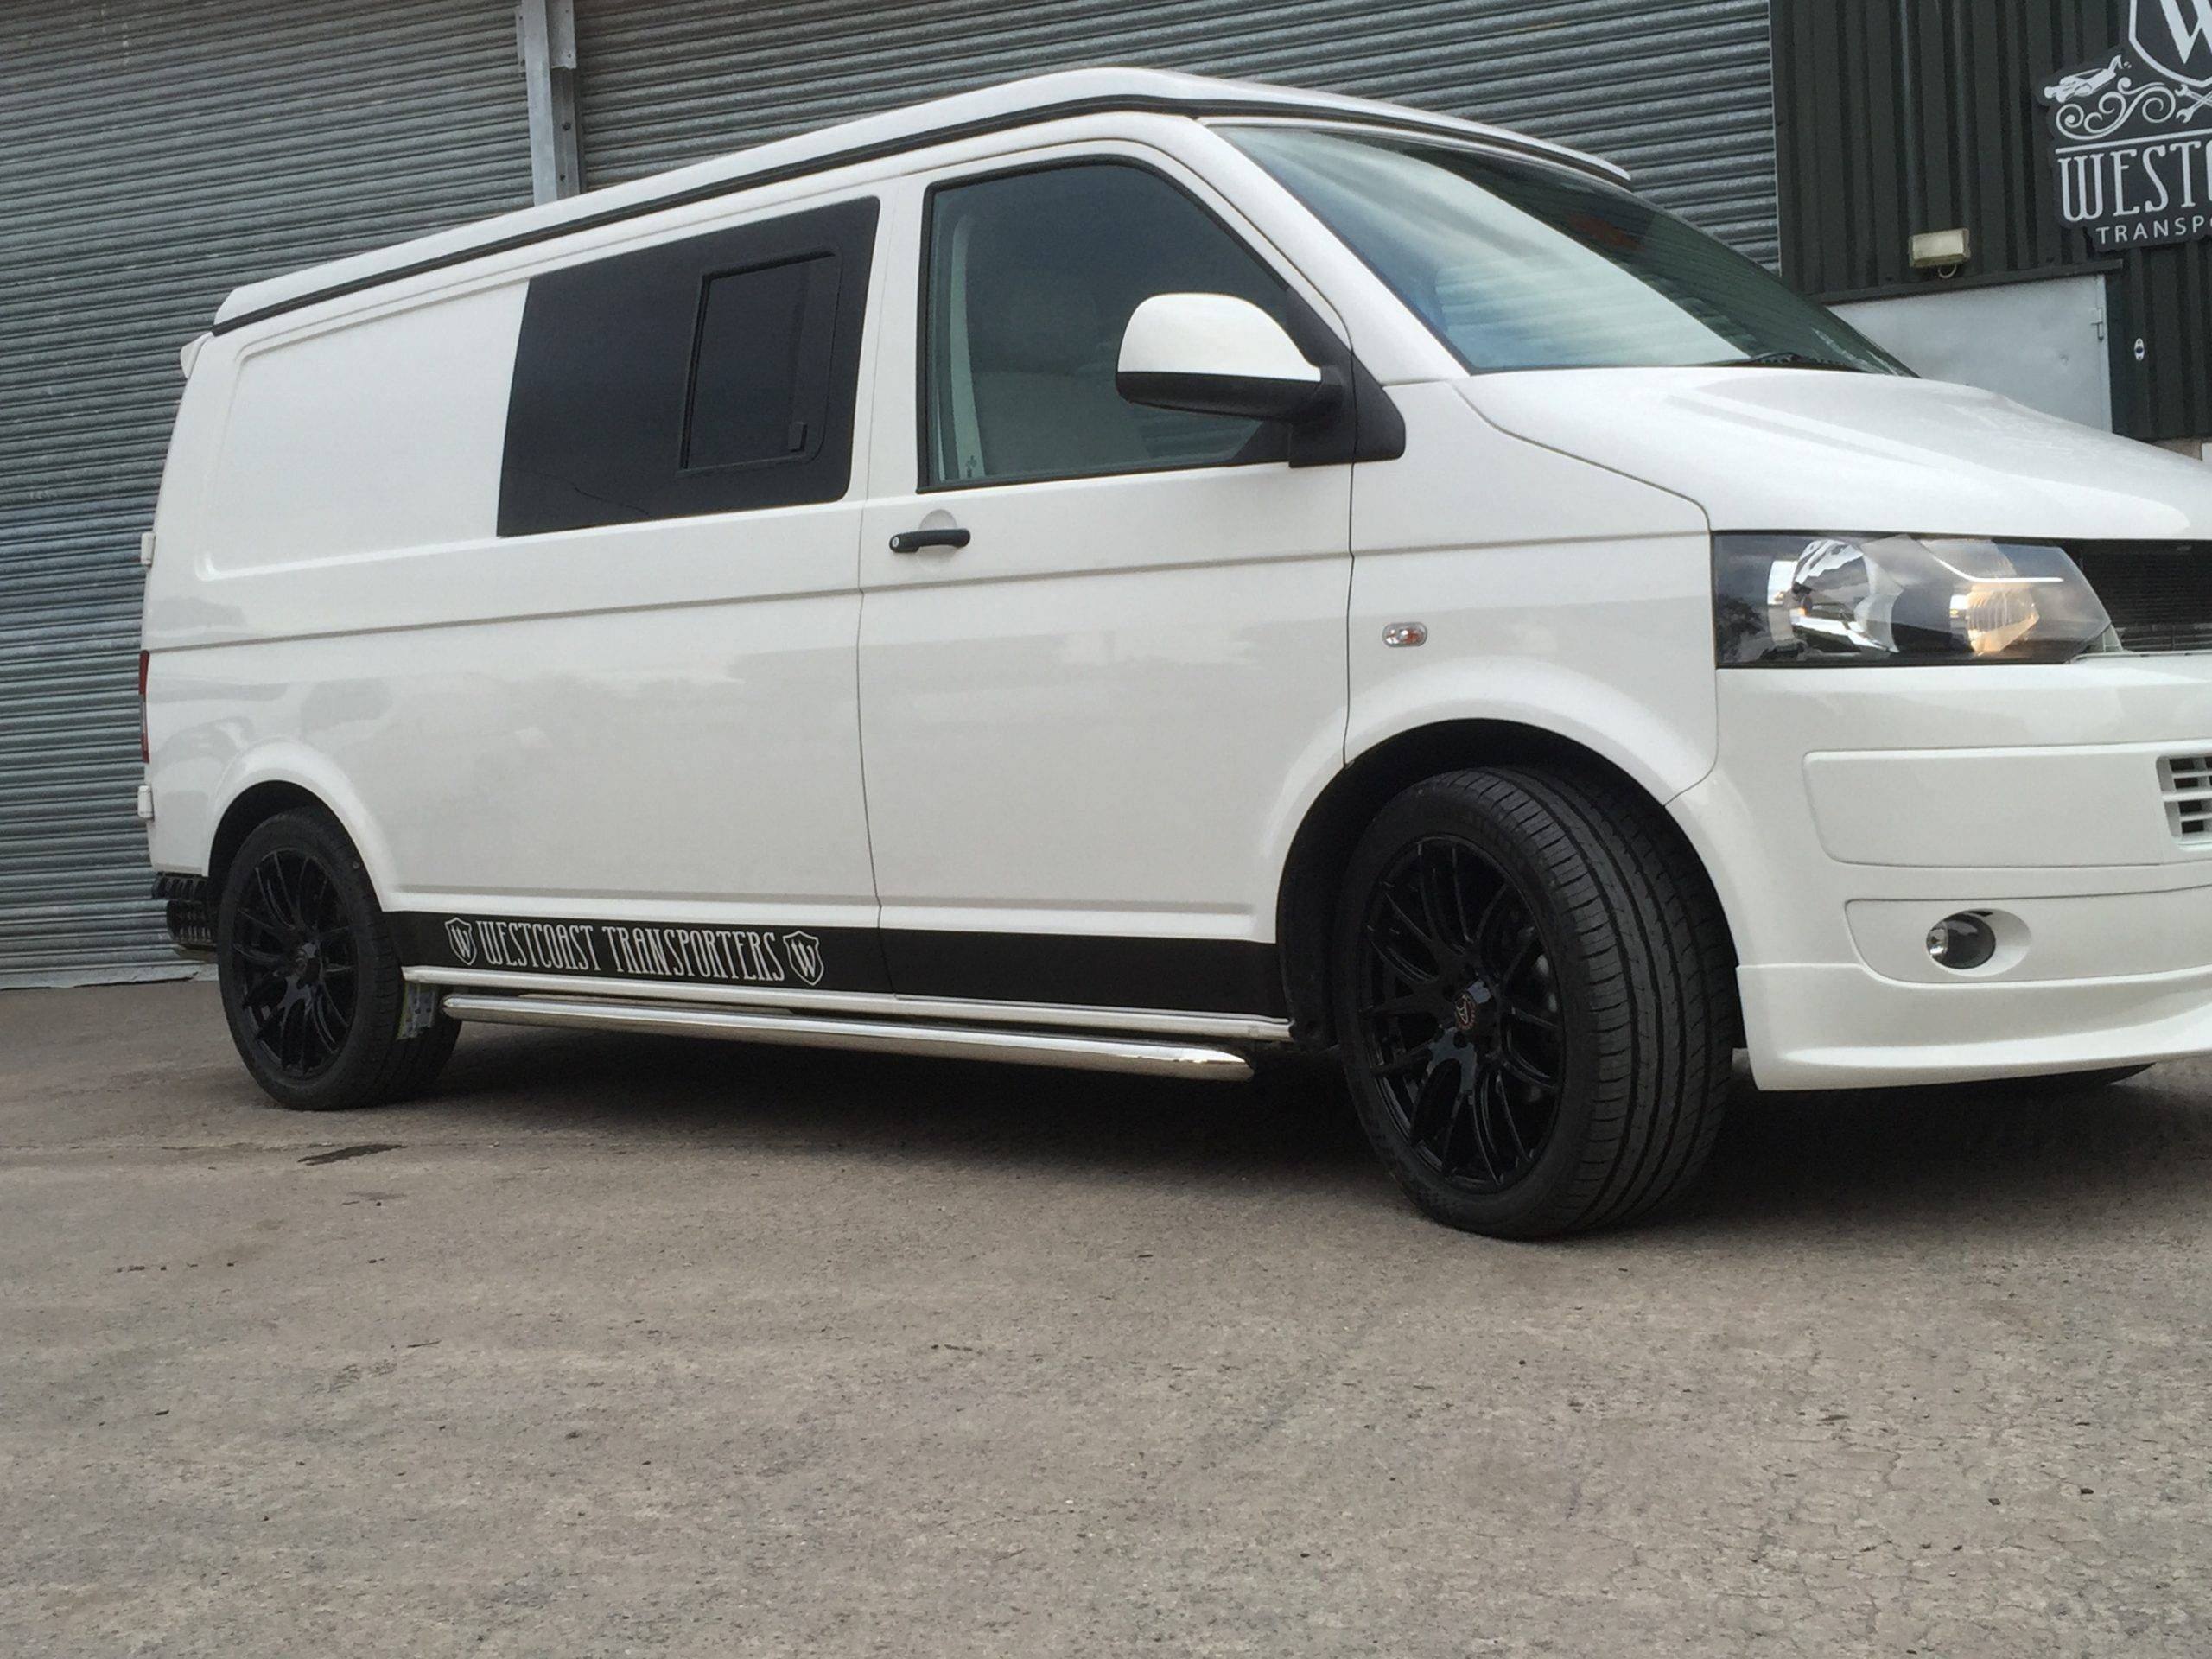 white and black camper van